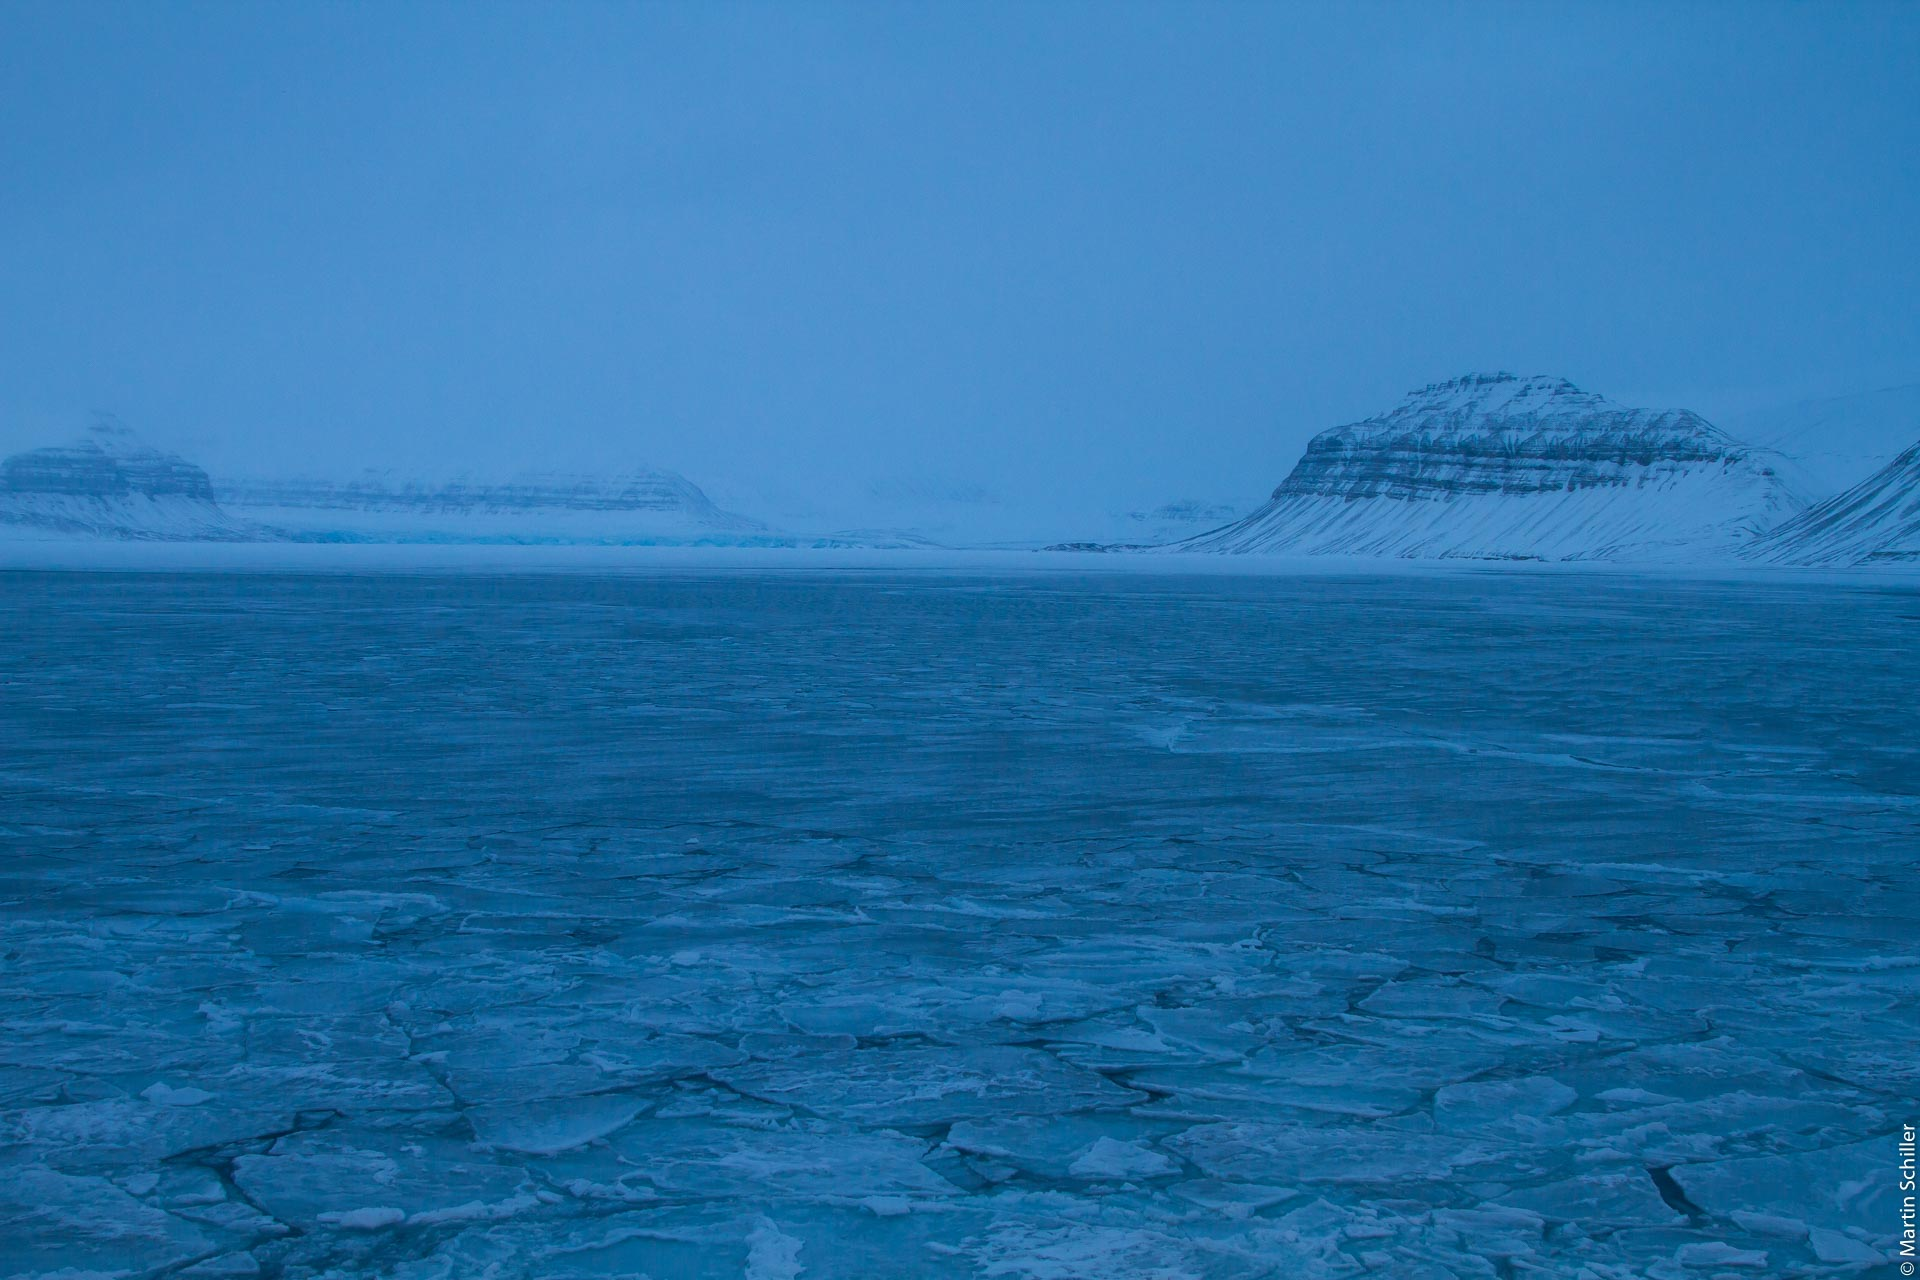 Könnte eine schnelle Freisetzung von Methan und Kohlendioxid aus tauendem Permafrost oder aus der Ozeanerwärmung die Erwärmung wesentlich erhöhen? (FAQ 6.1)